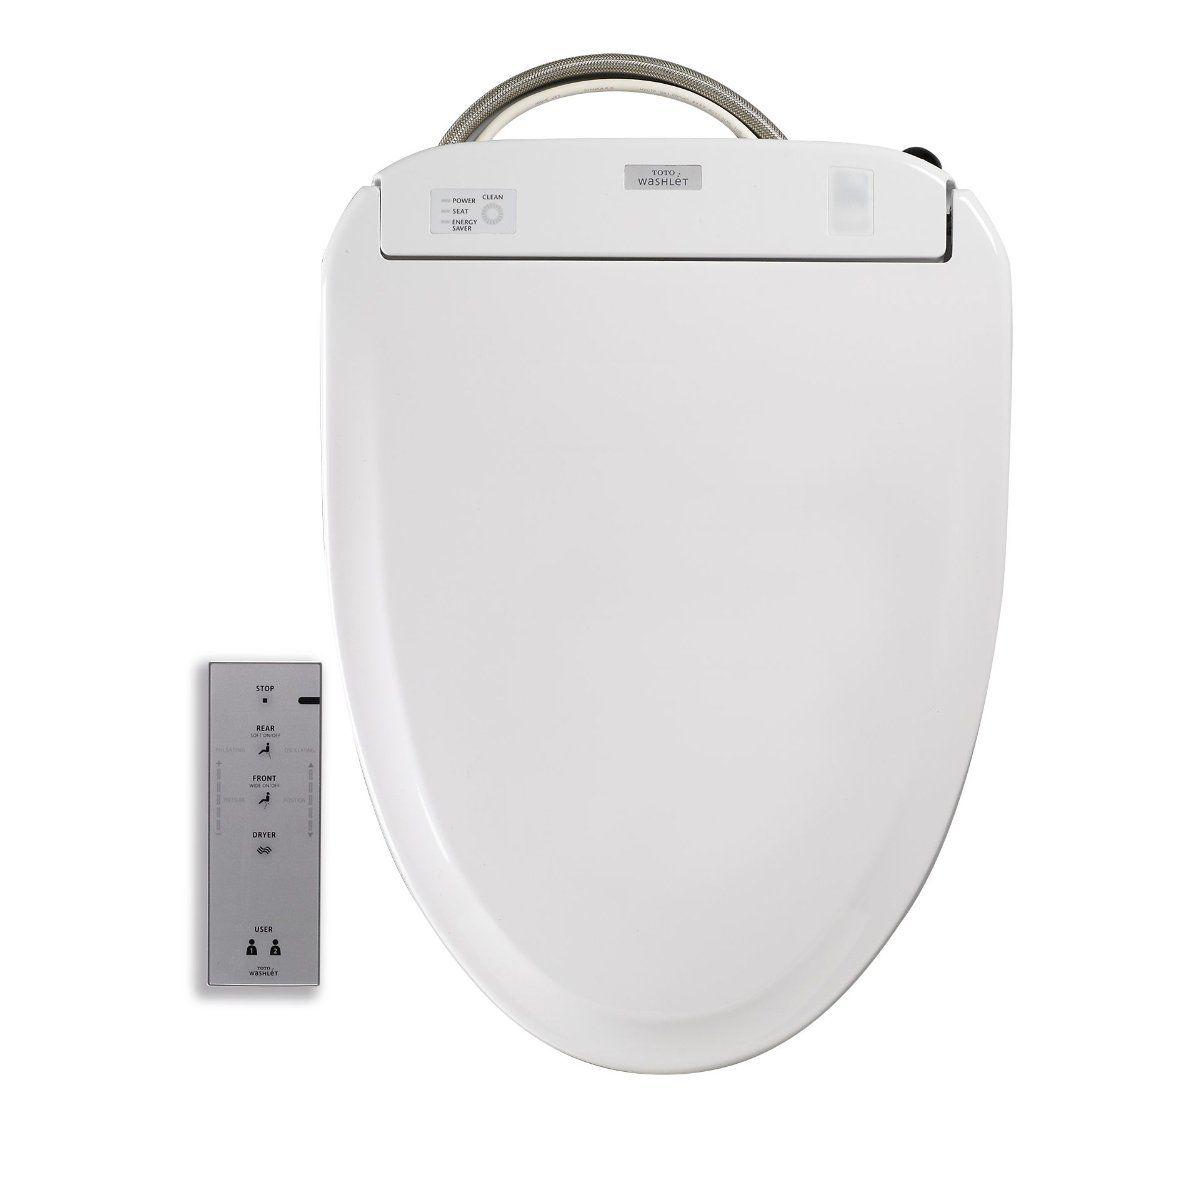 Toto Sw584 01 Washlet S350e Toilet Seat Elongated Comparison Chart Http Www Totousa Com Sites Default Files Try A Washlet Washlet Washlet New Toilet Bidet